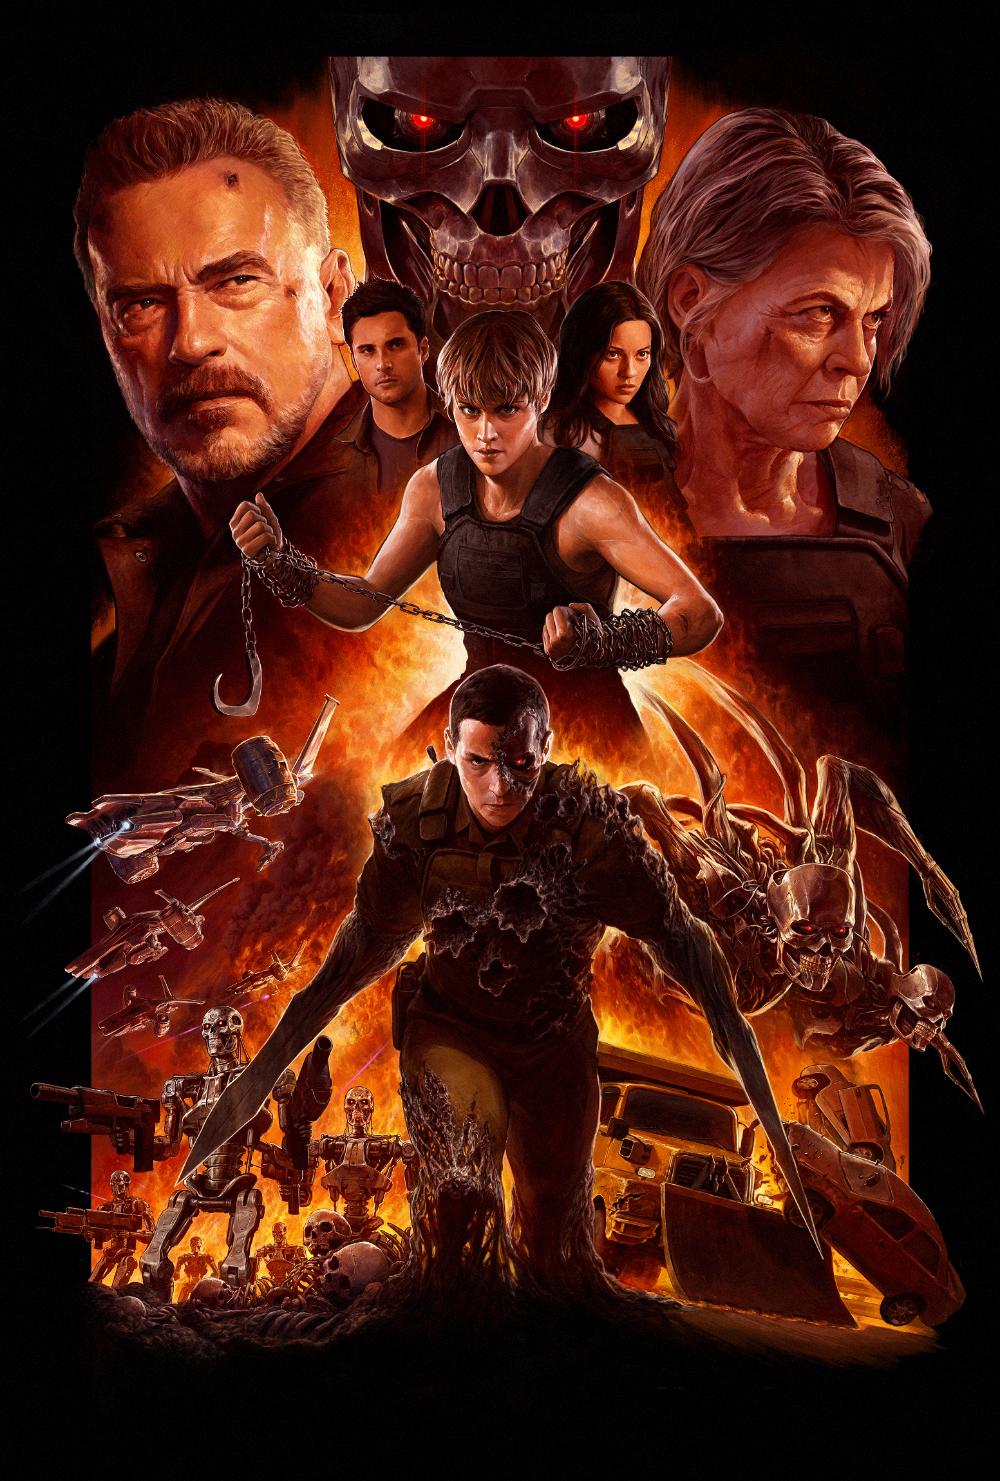 Terminator: Dark Fate by DaveRapoza on DeviantArt   Terminator, New  terminator movie, Terminator movies